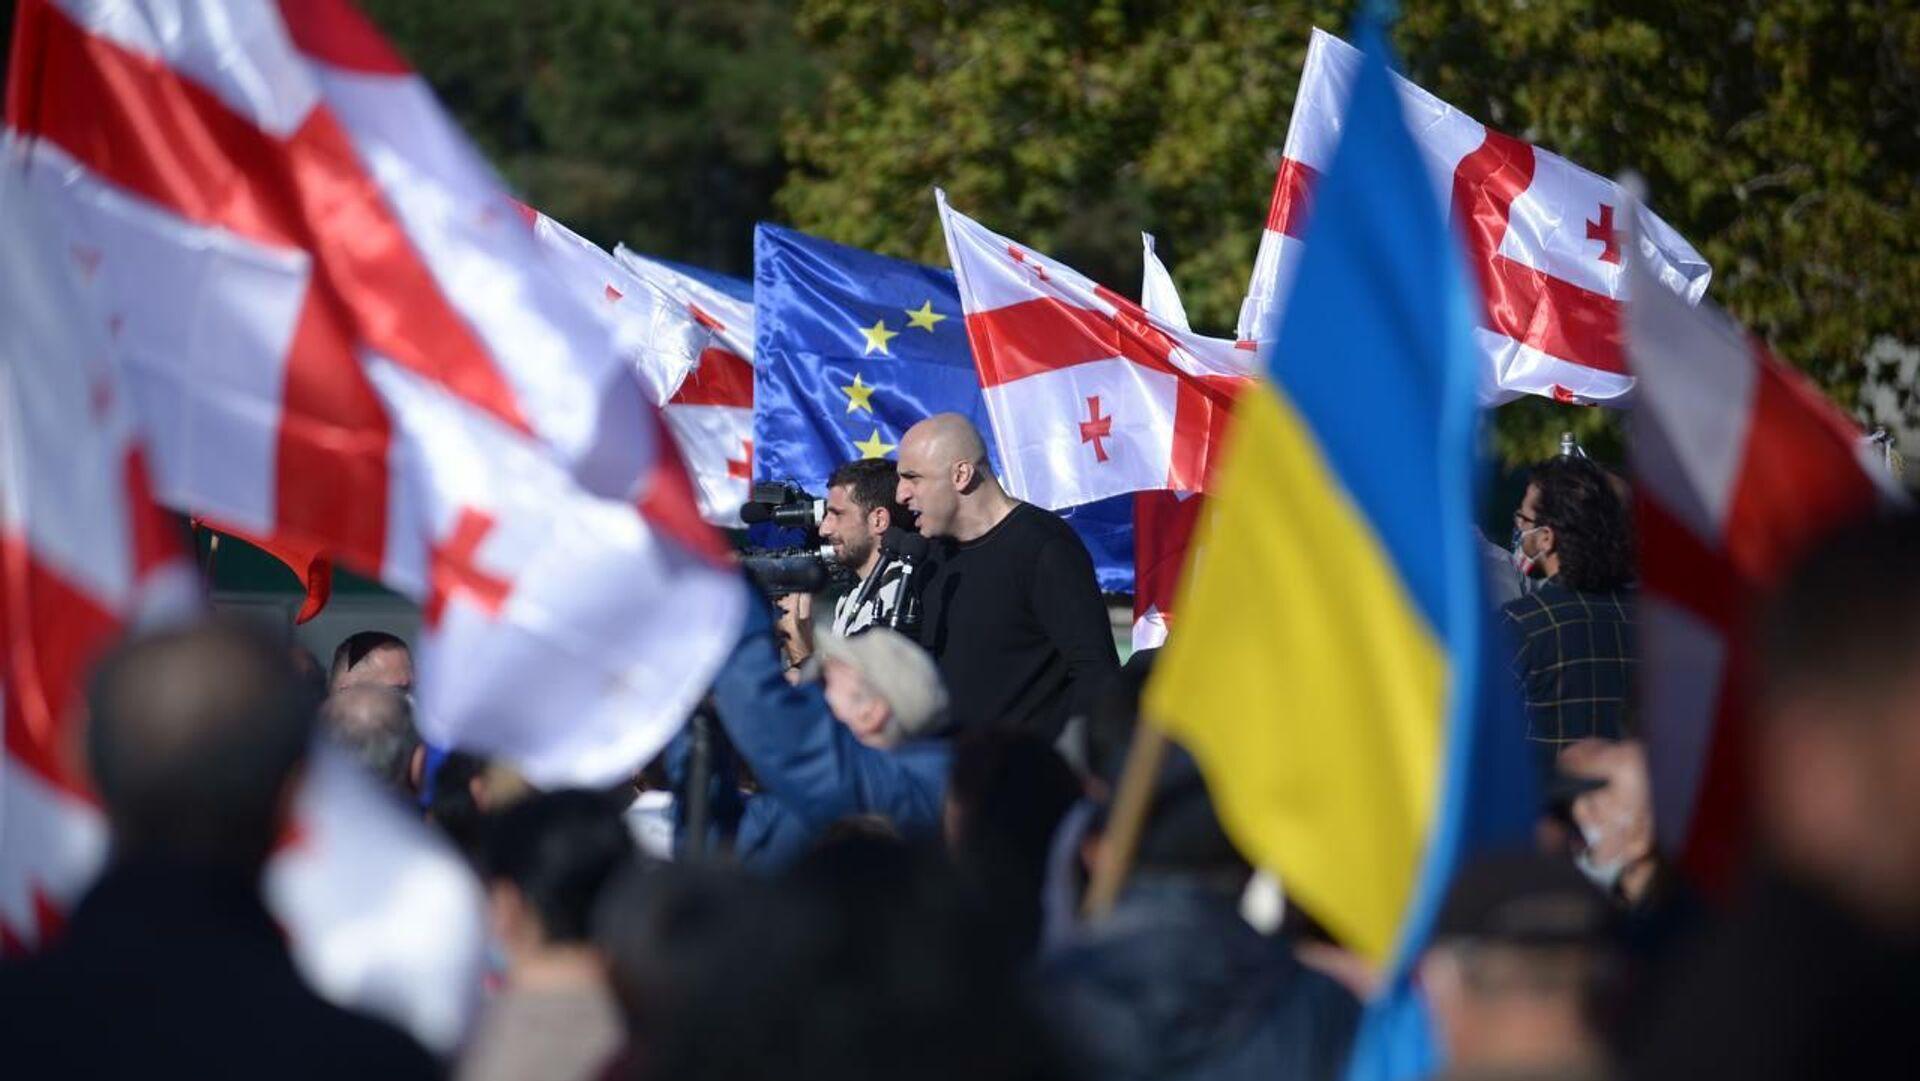 Ника Мелия. Акция протеста сторонников Саакашвили у Руставской тюрьмы 4 октября 2021 года - Sputnik Грузия, 1920, 04.10.2021